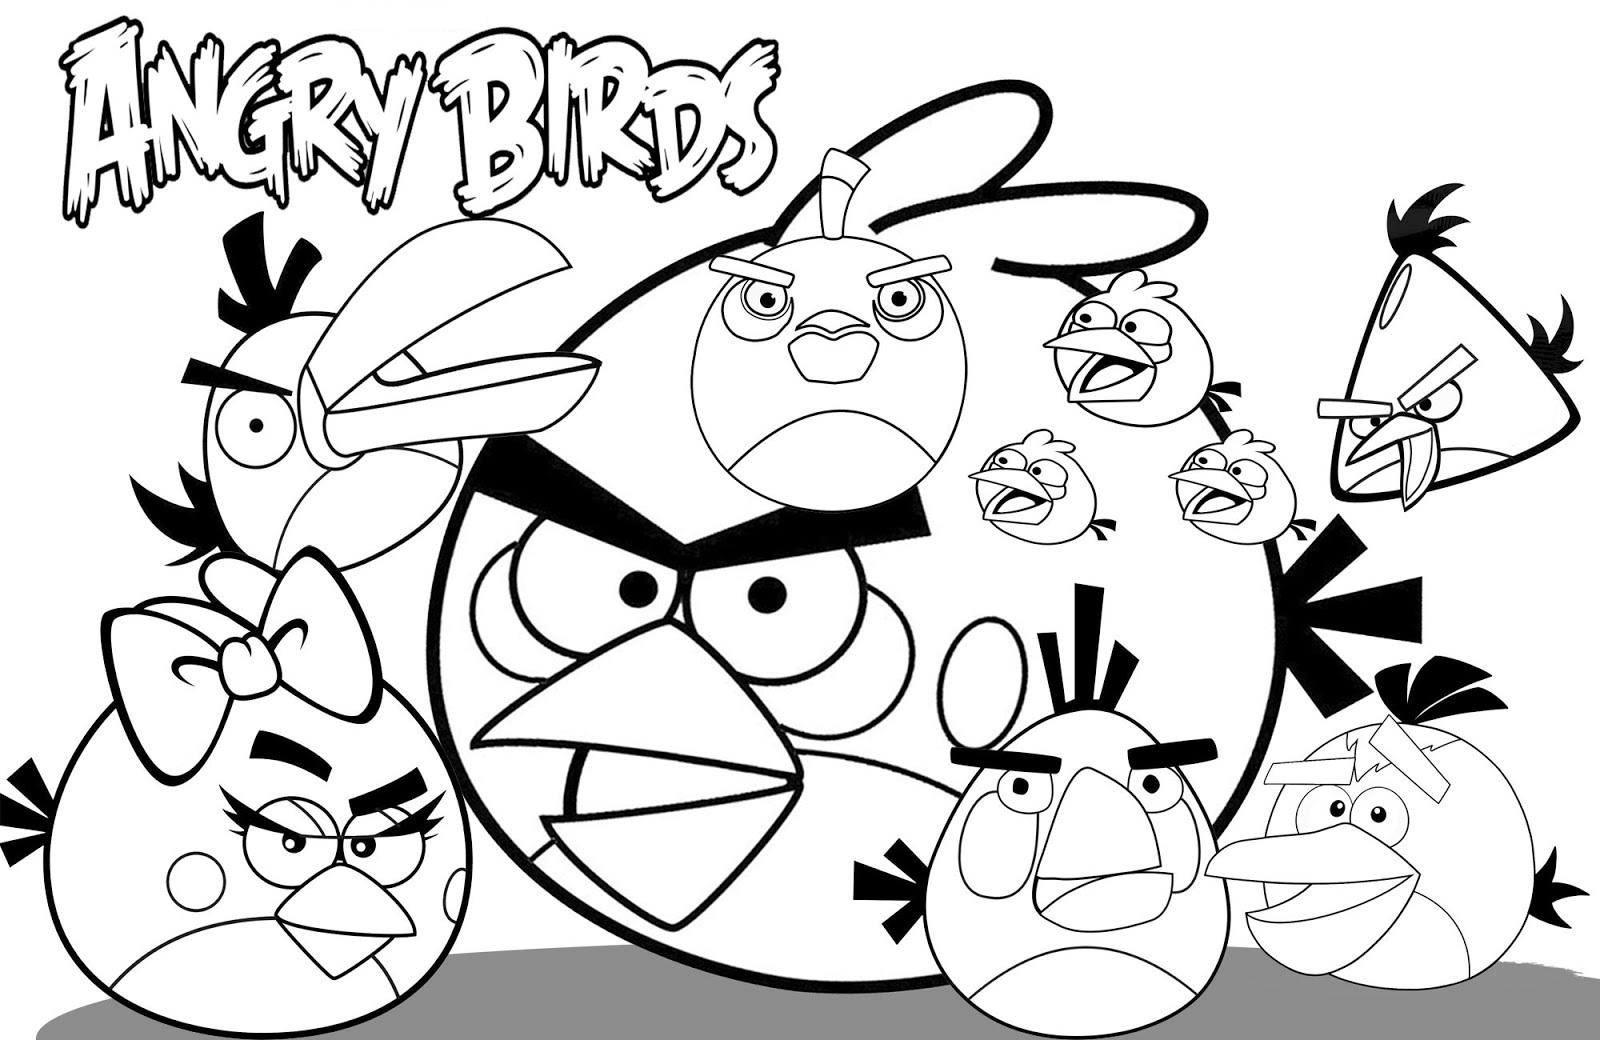 Como Desenhar O Pássaro Vermelho De Angry Birds: Desenhos Para Pintar Angry Birds